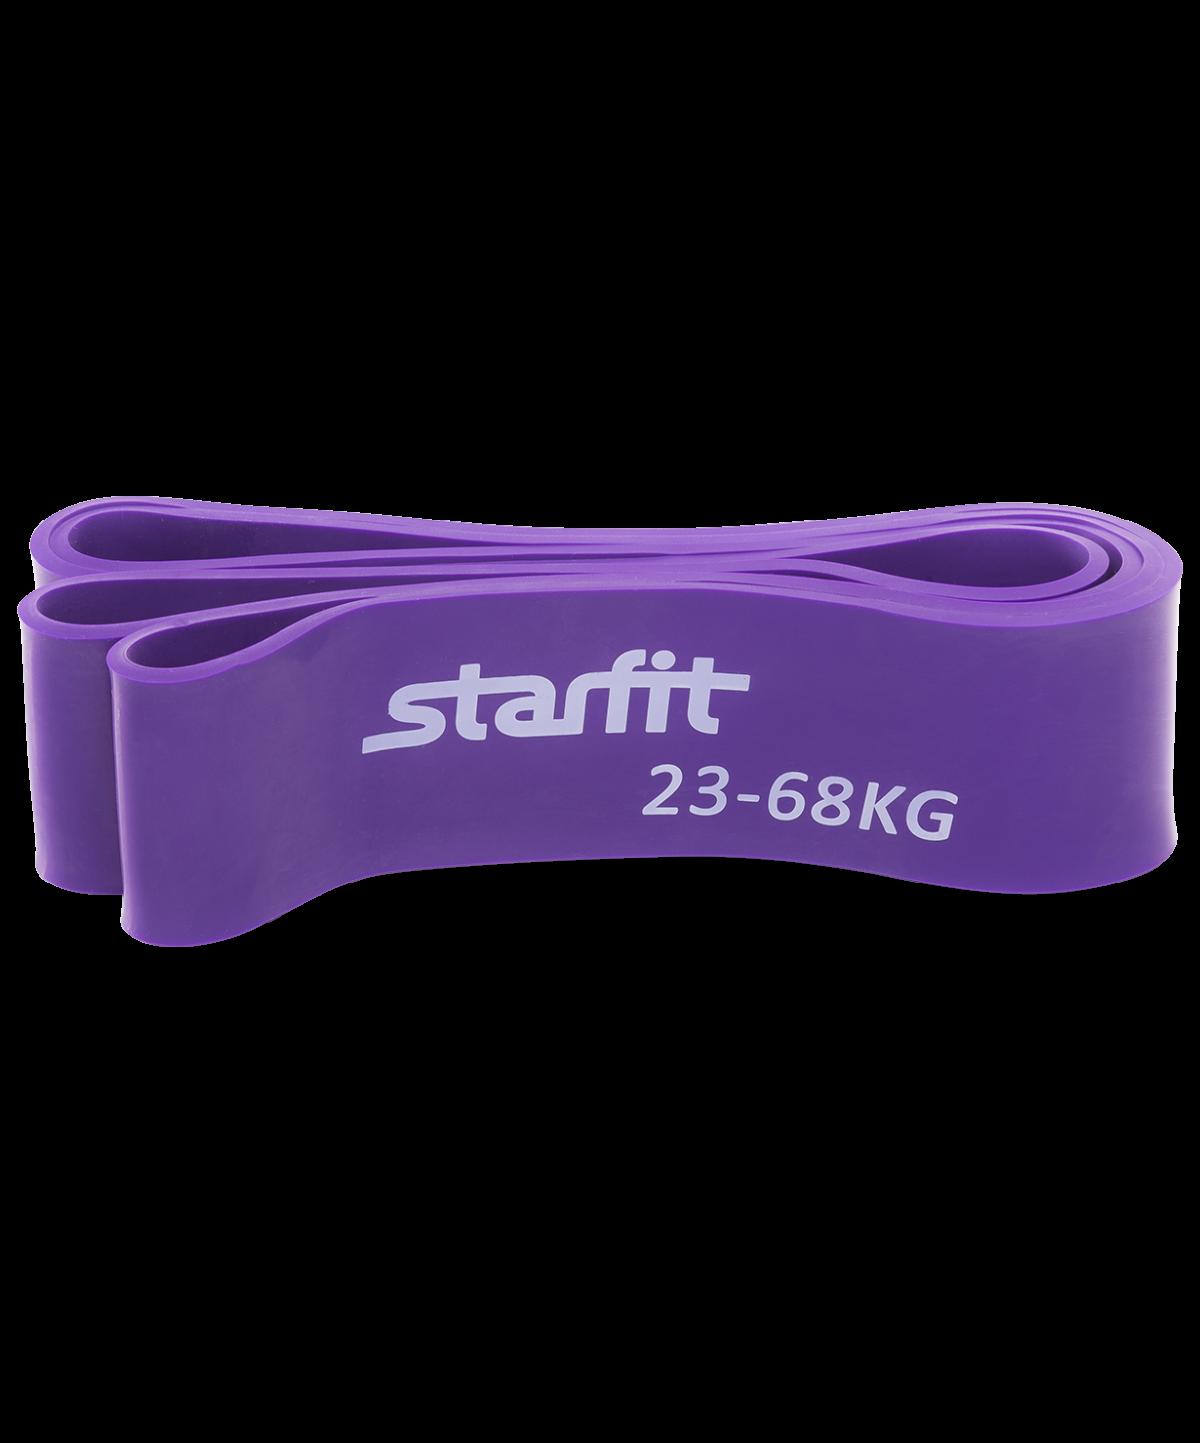 STARFIT Эспандер ленточный, 23-68 кг, фиолетовый  ES-801 - 1